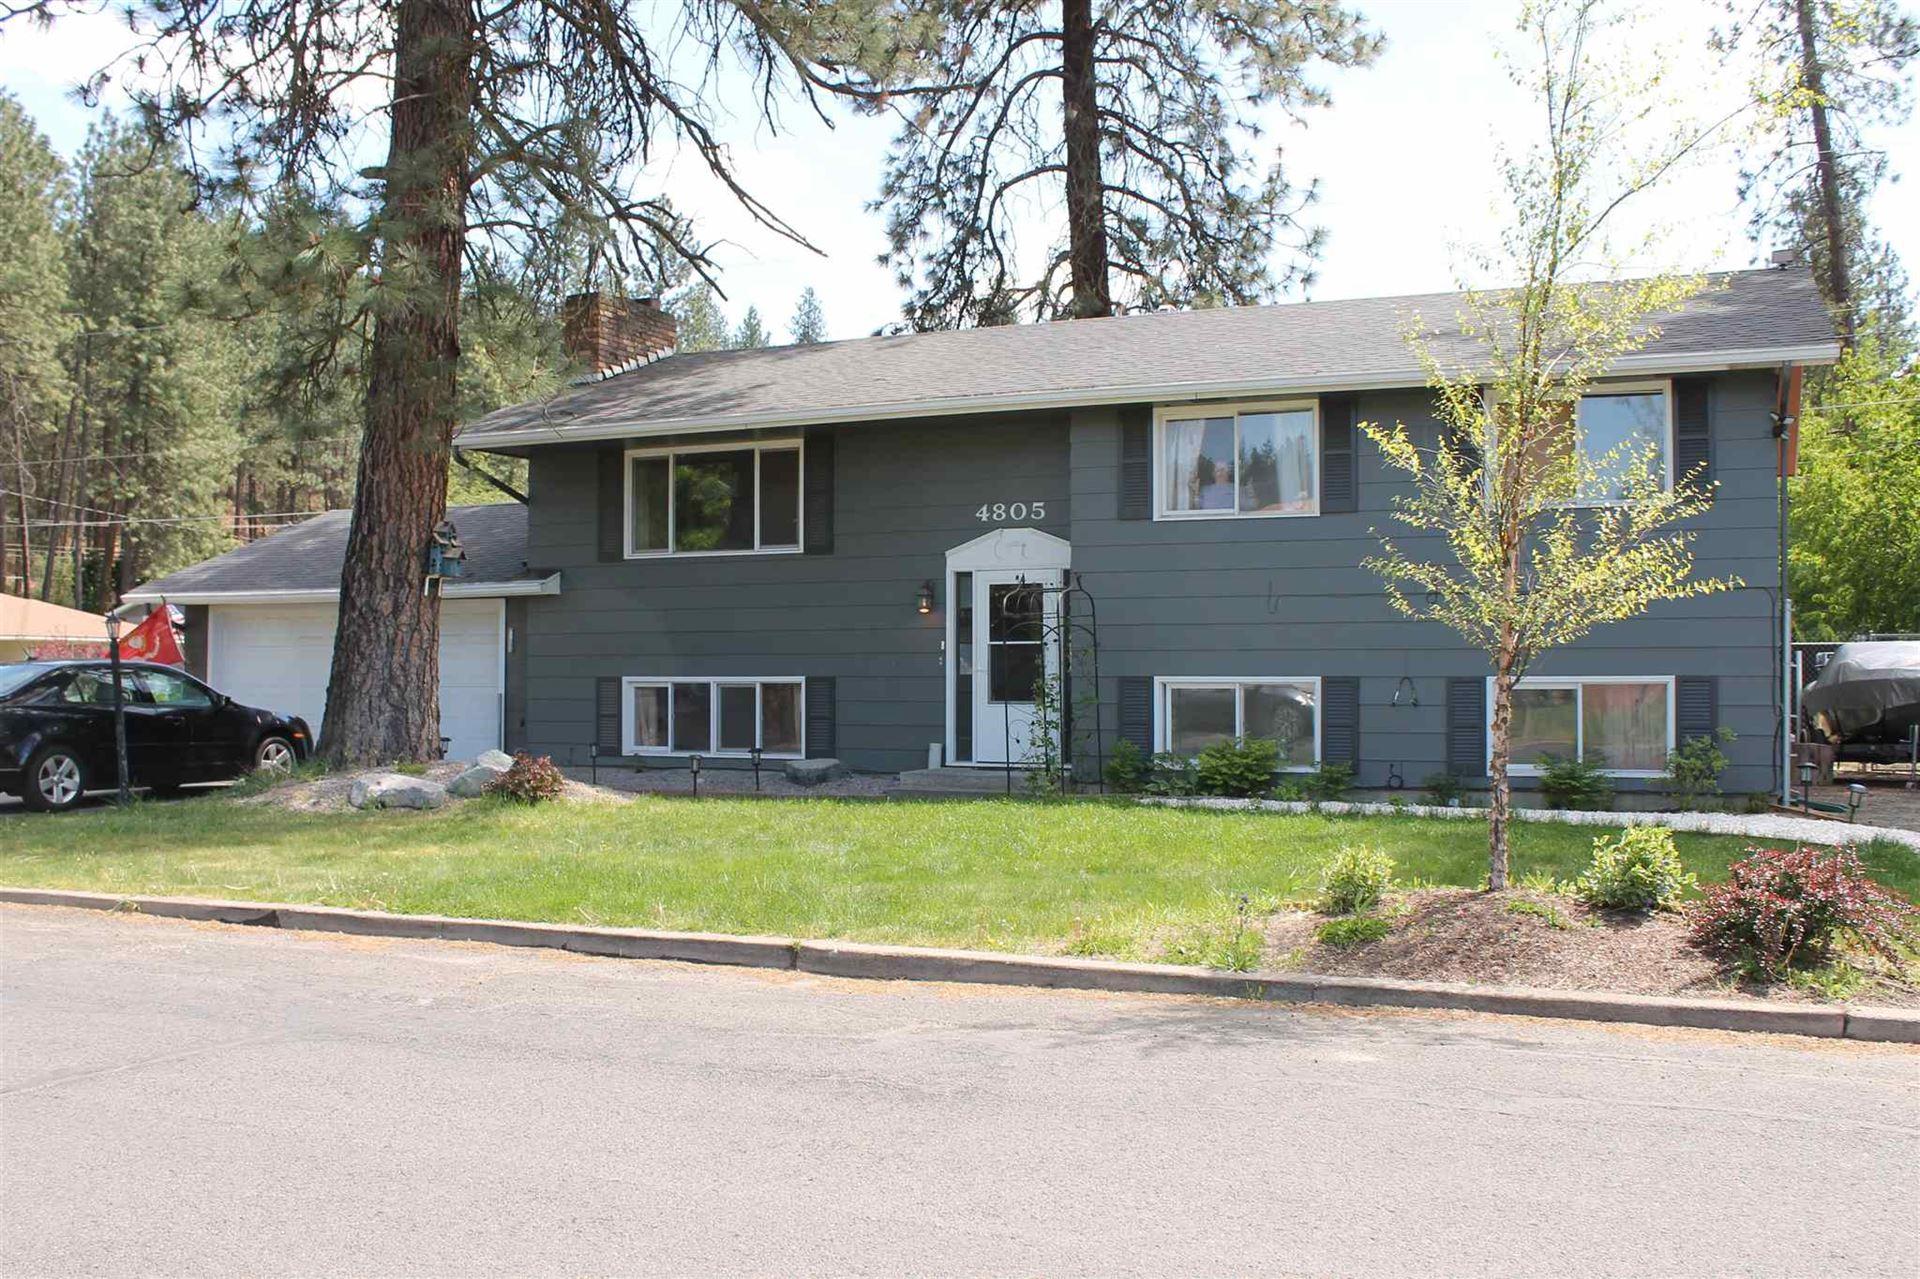 4805 W Francis Ave, Spokane, WA 99208 - #: 202115991